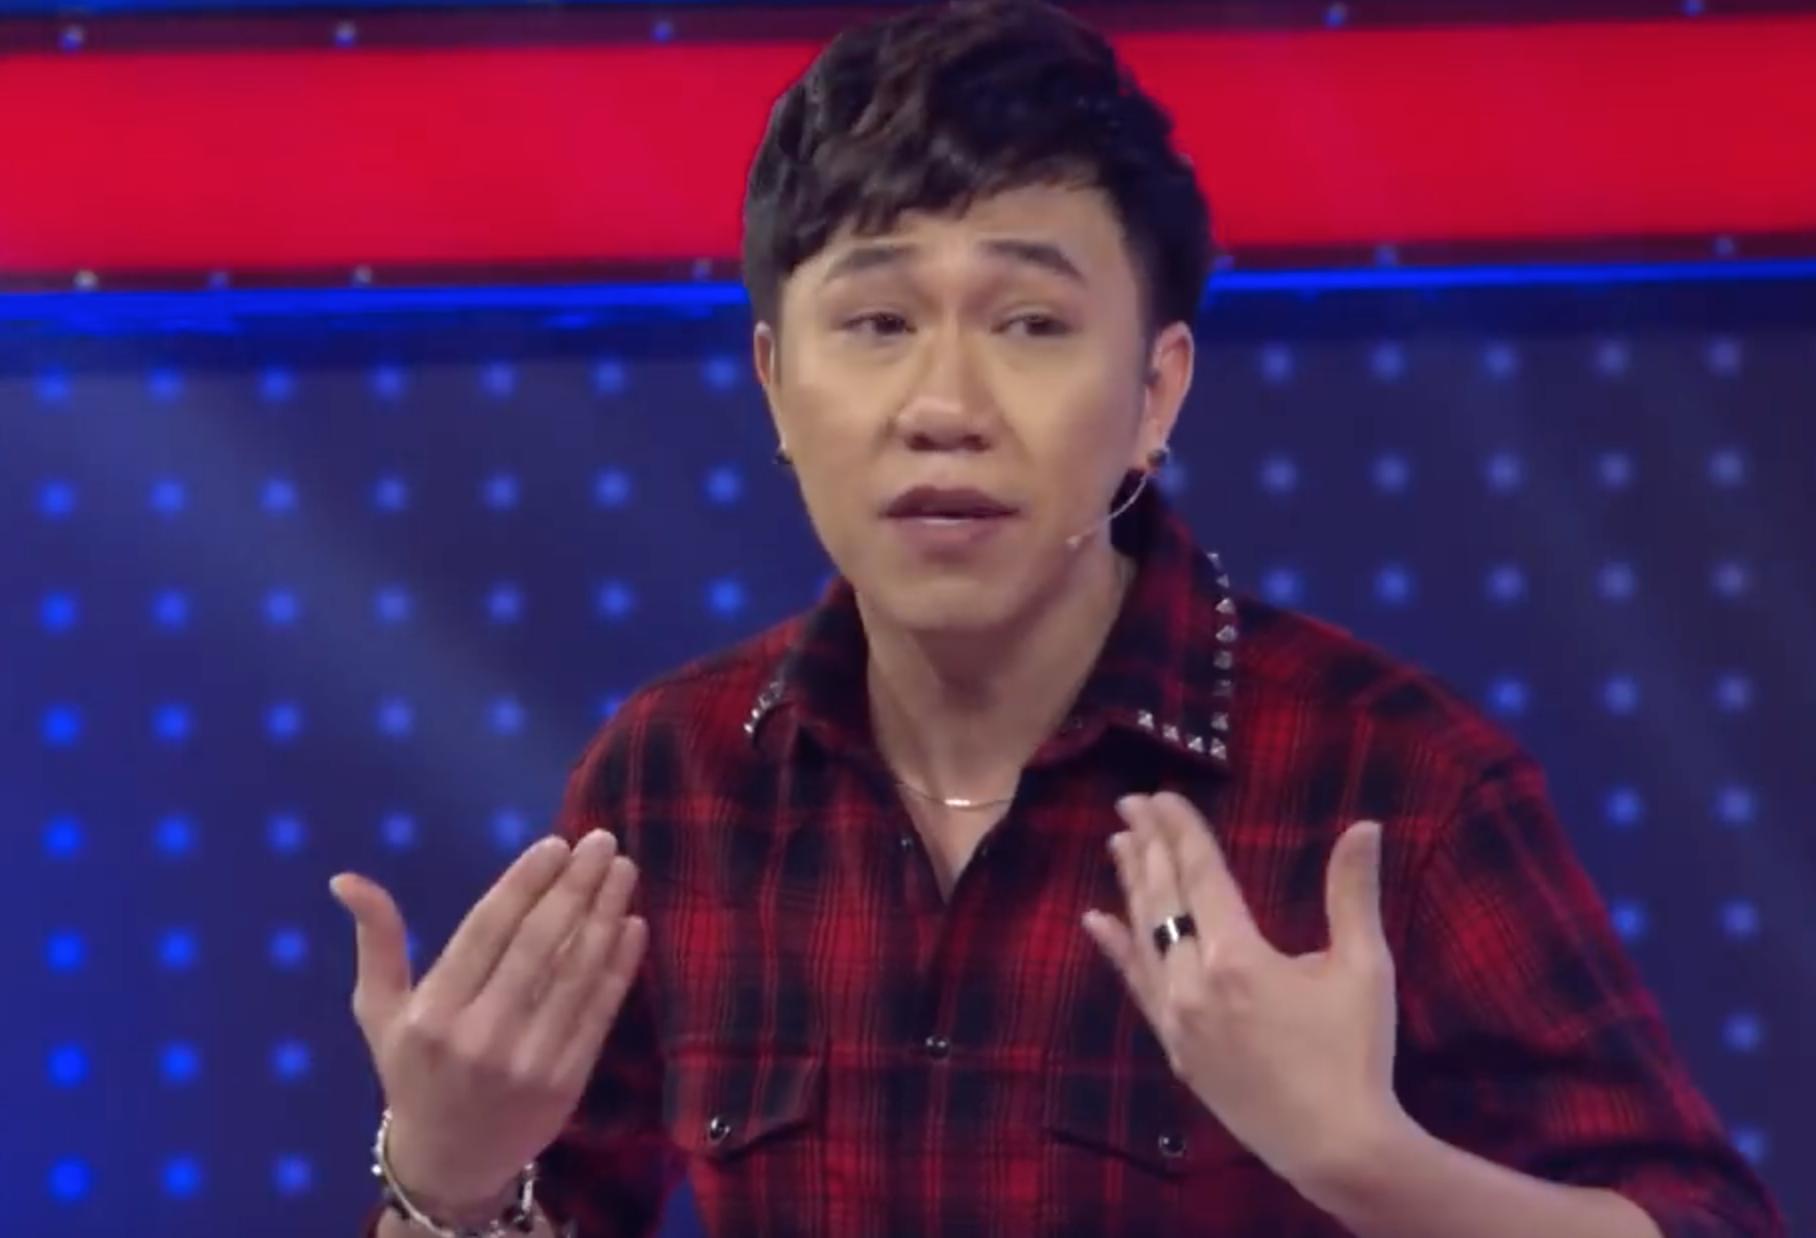 Trấn Thành háo hức gặp Lee Min Ho Việt Nam và cái kết... - Ảnh 3.